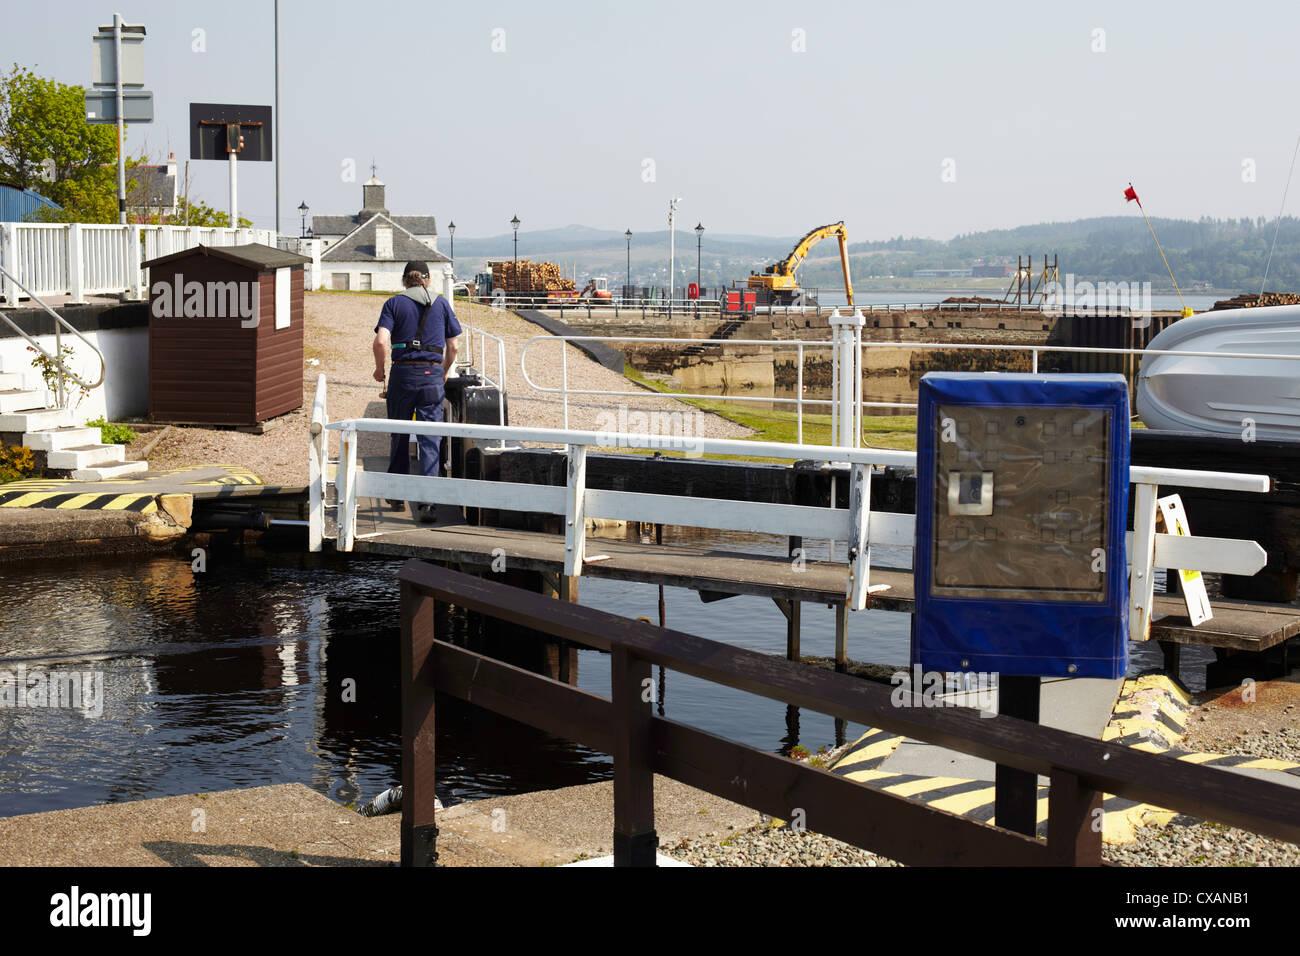 Lock keeper at work at Crinan canal lock at Ardrishaig. Scotland Stock Photo